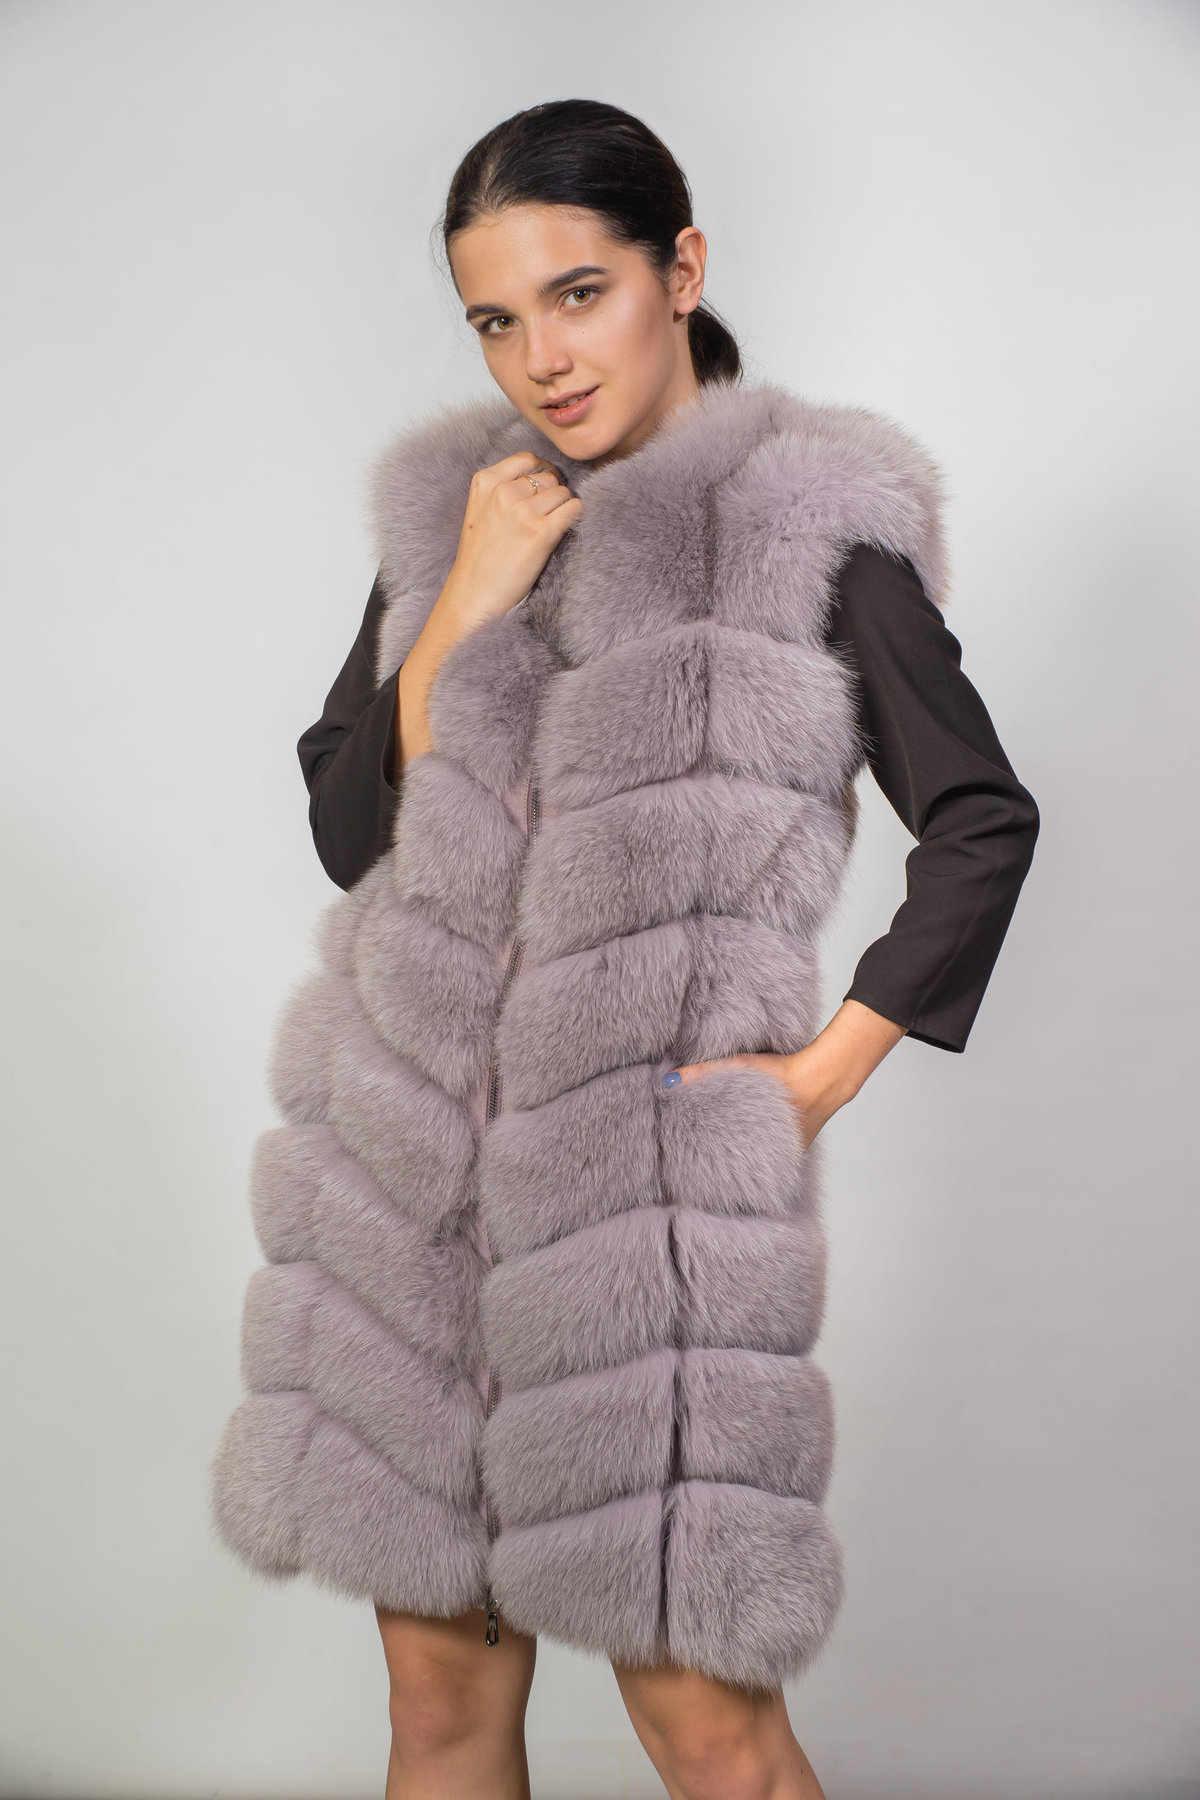 один меховые жилетки модные тенденции фото совсем